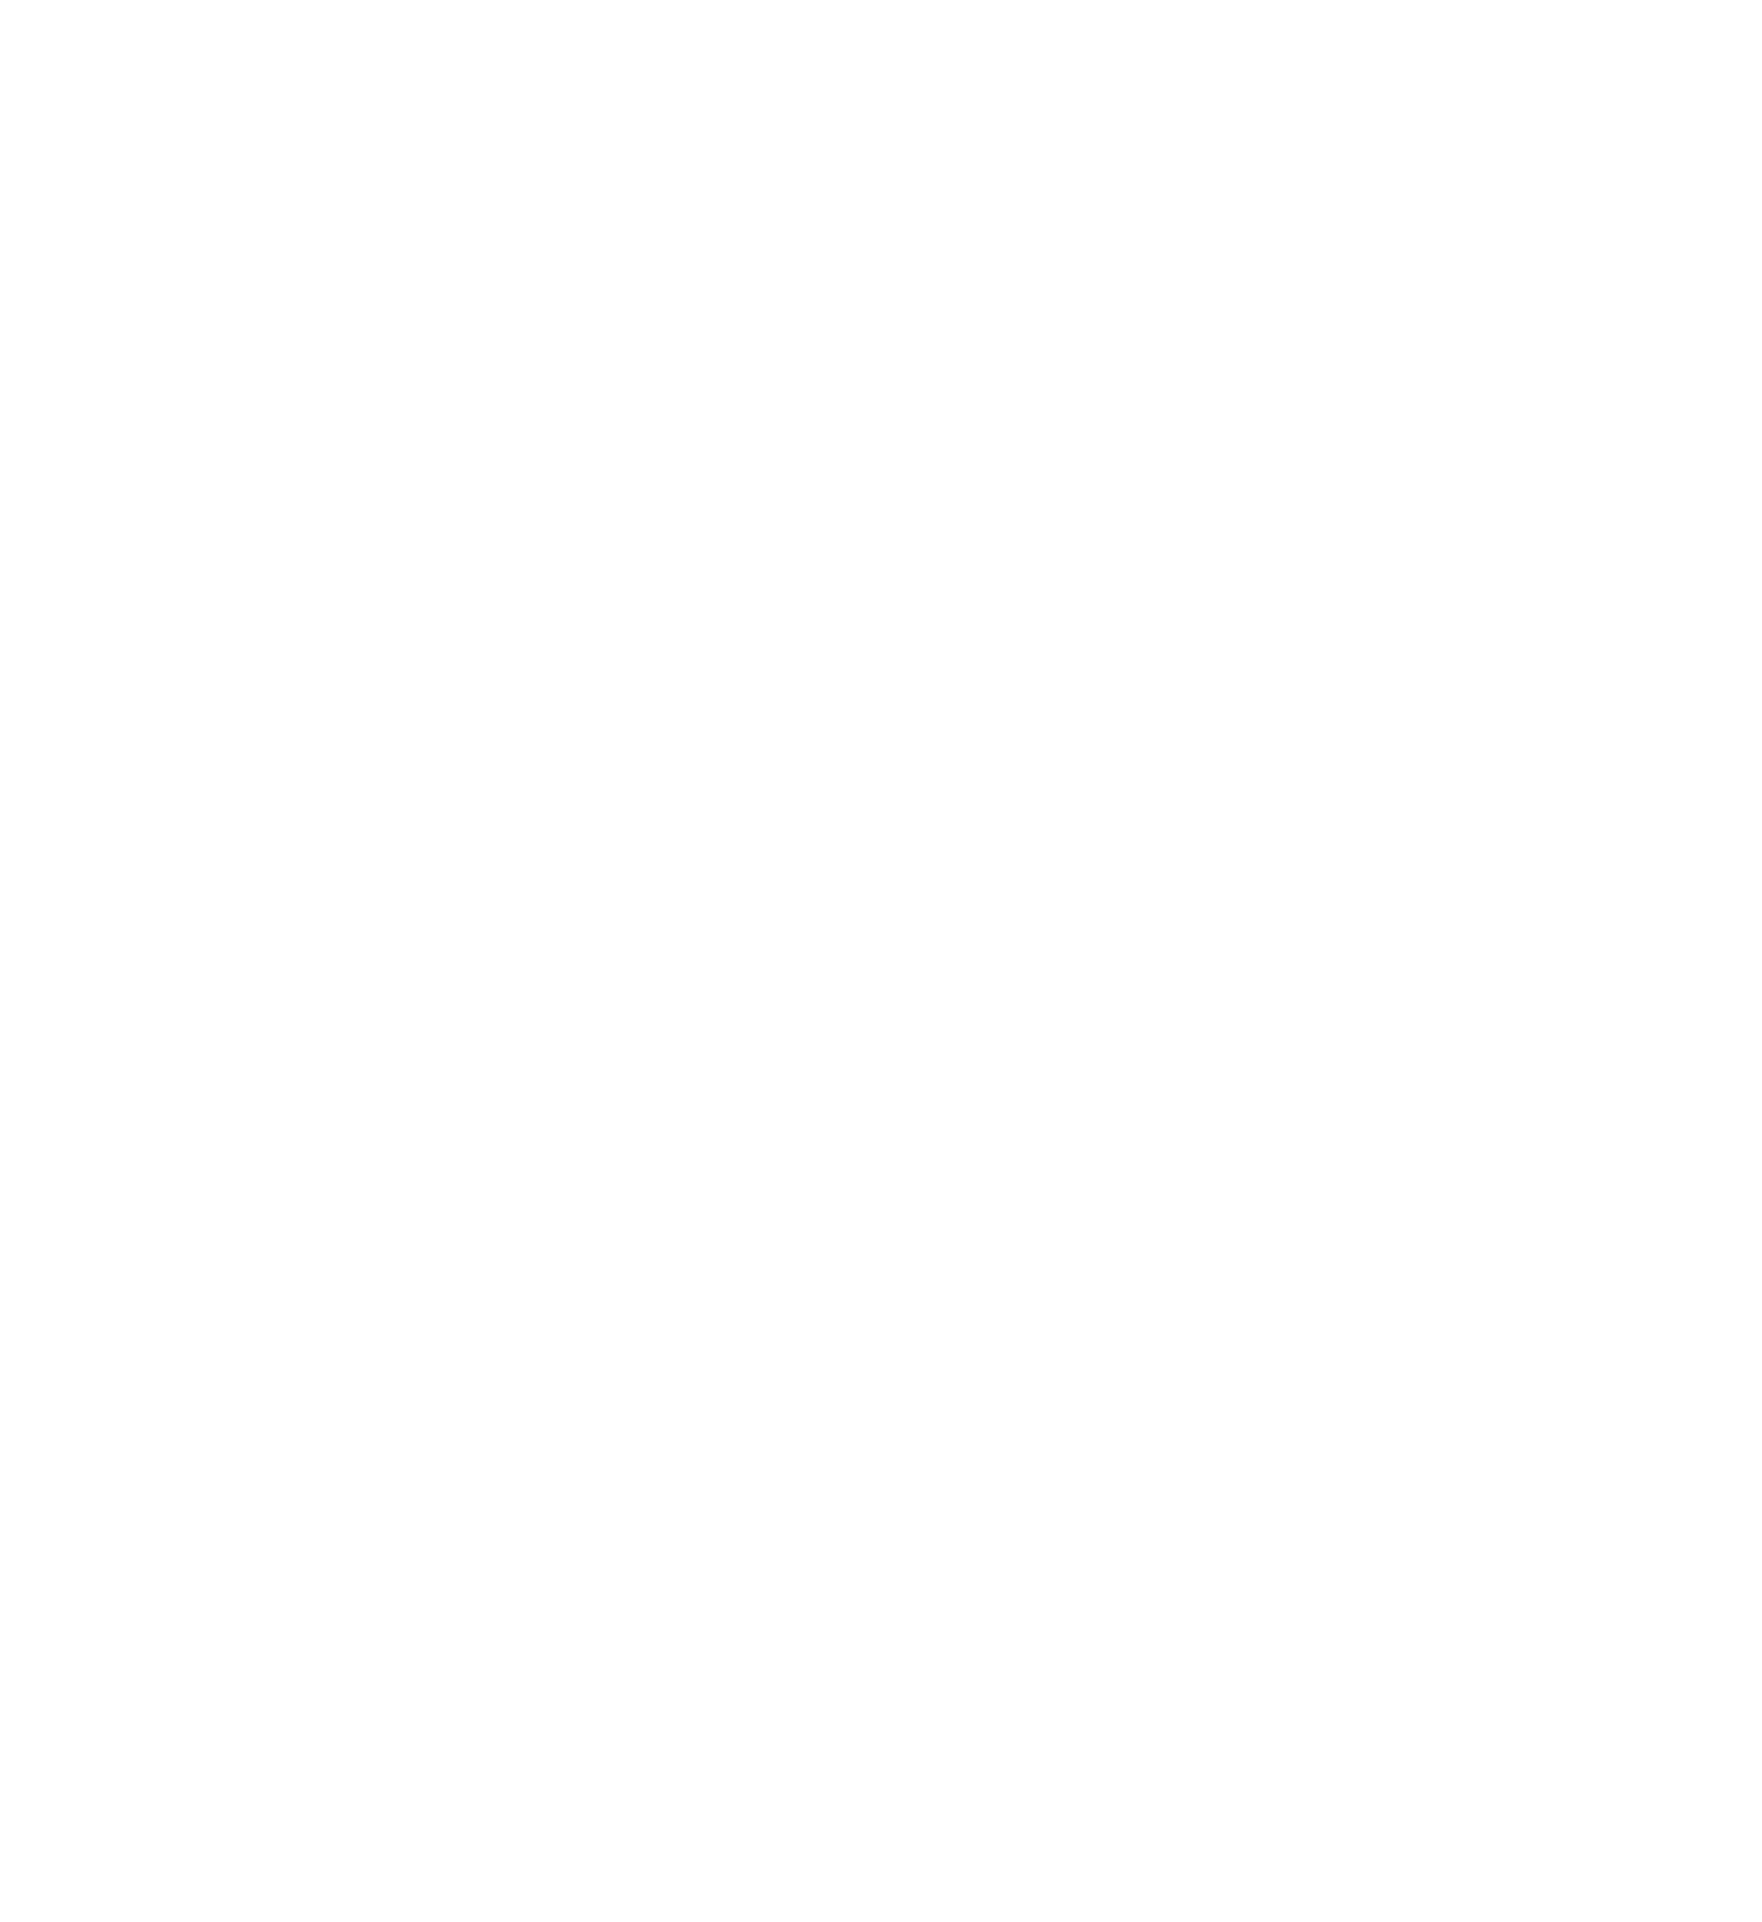 Setec Fondation